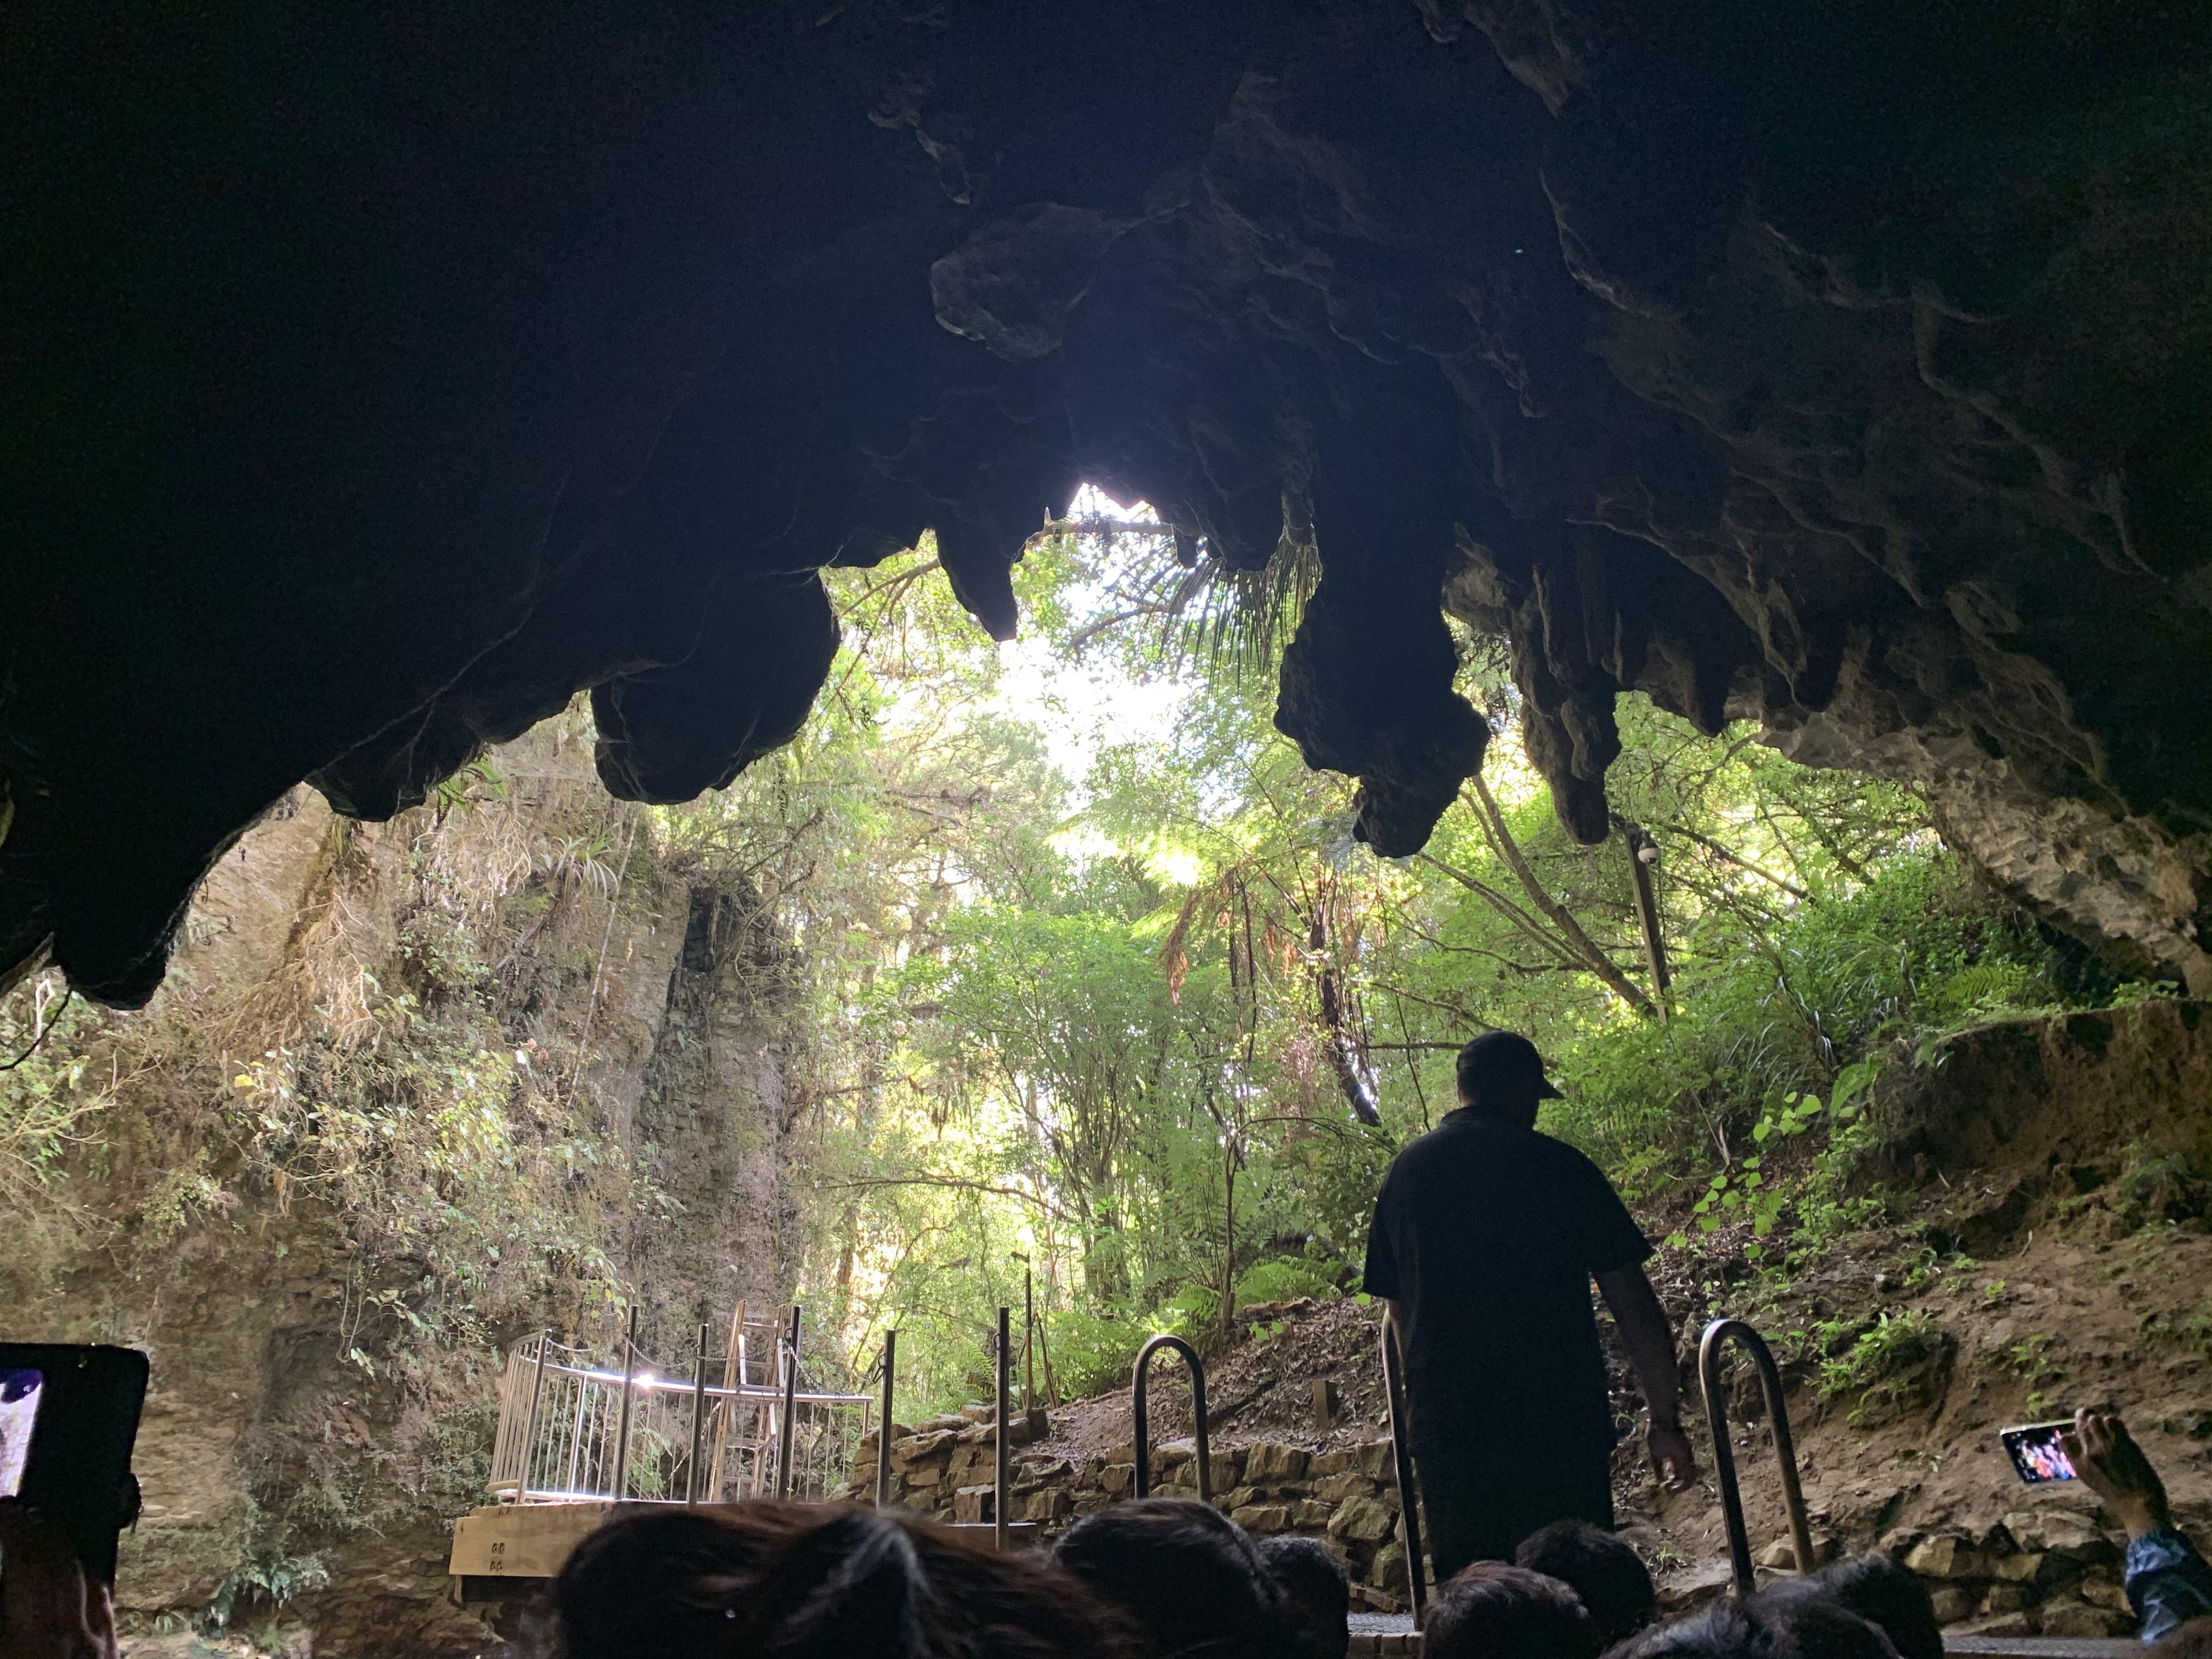 オプショナルツアーで行ったワイトモ洞窟